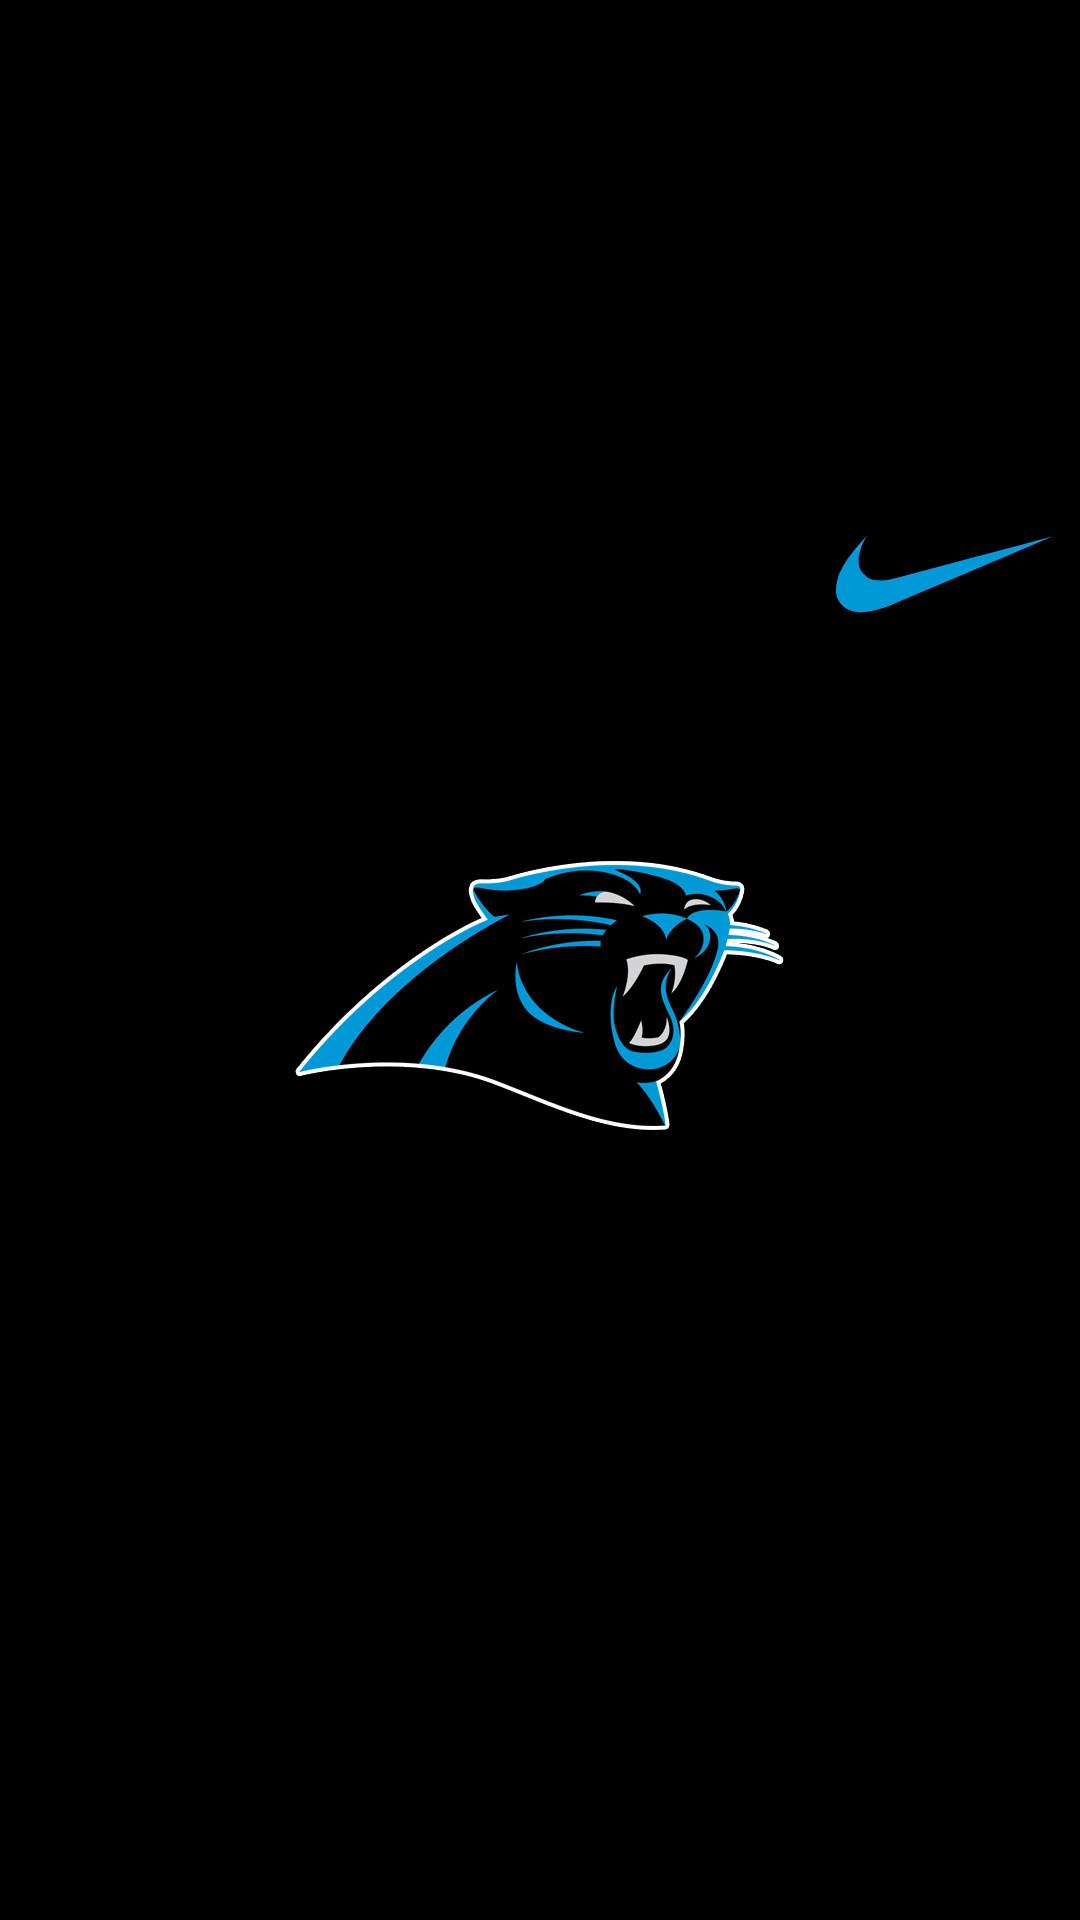 Carolina Panthers Nike Background for Iphone.